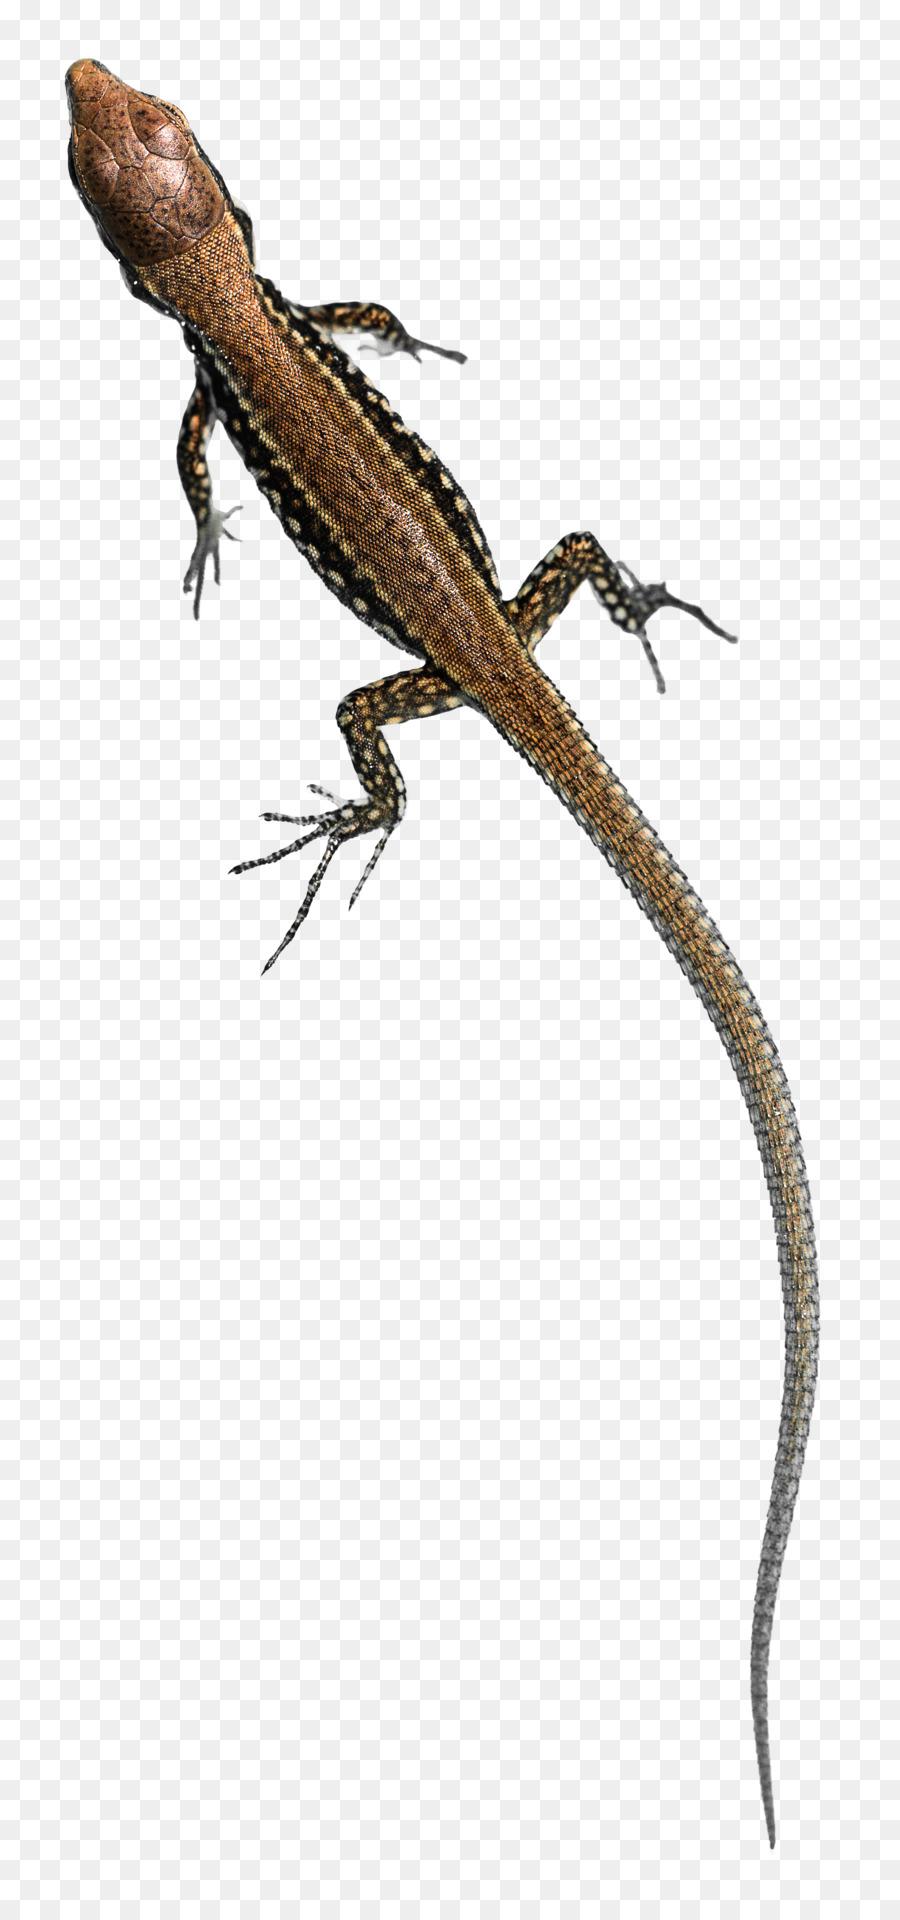 Common wall lizard clipart Agamas Lizard Reptile